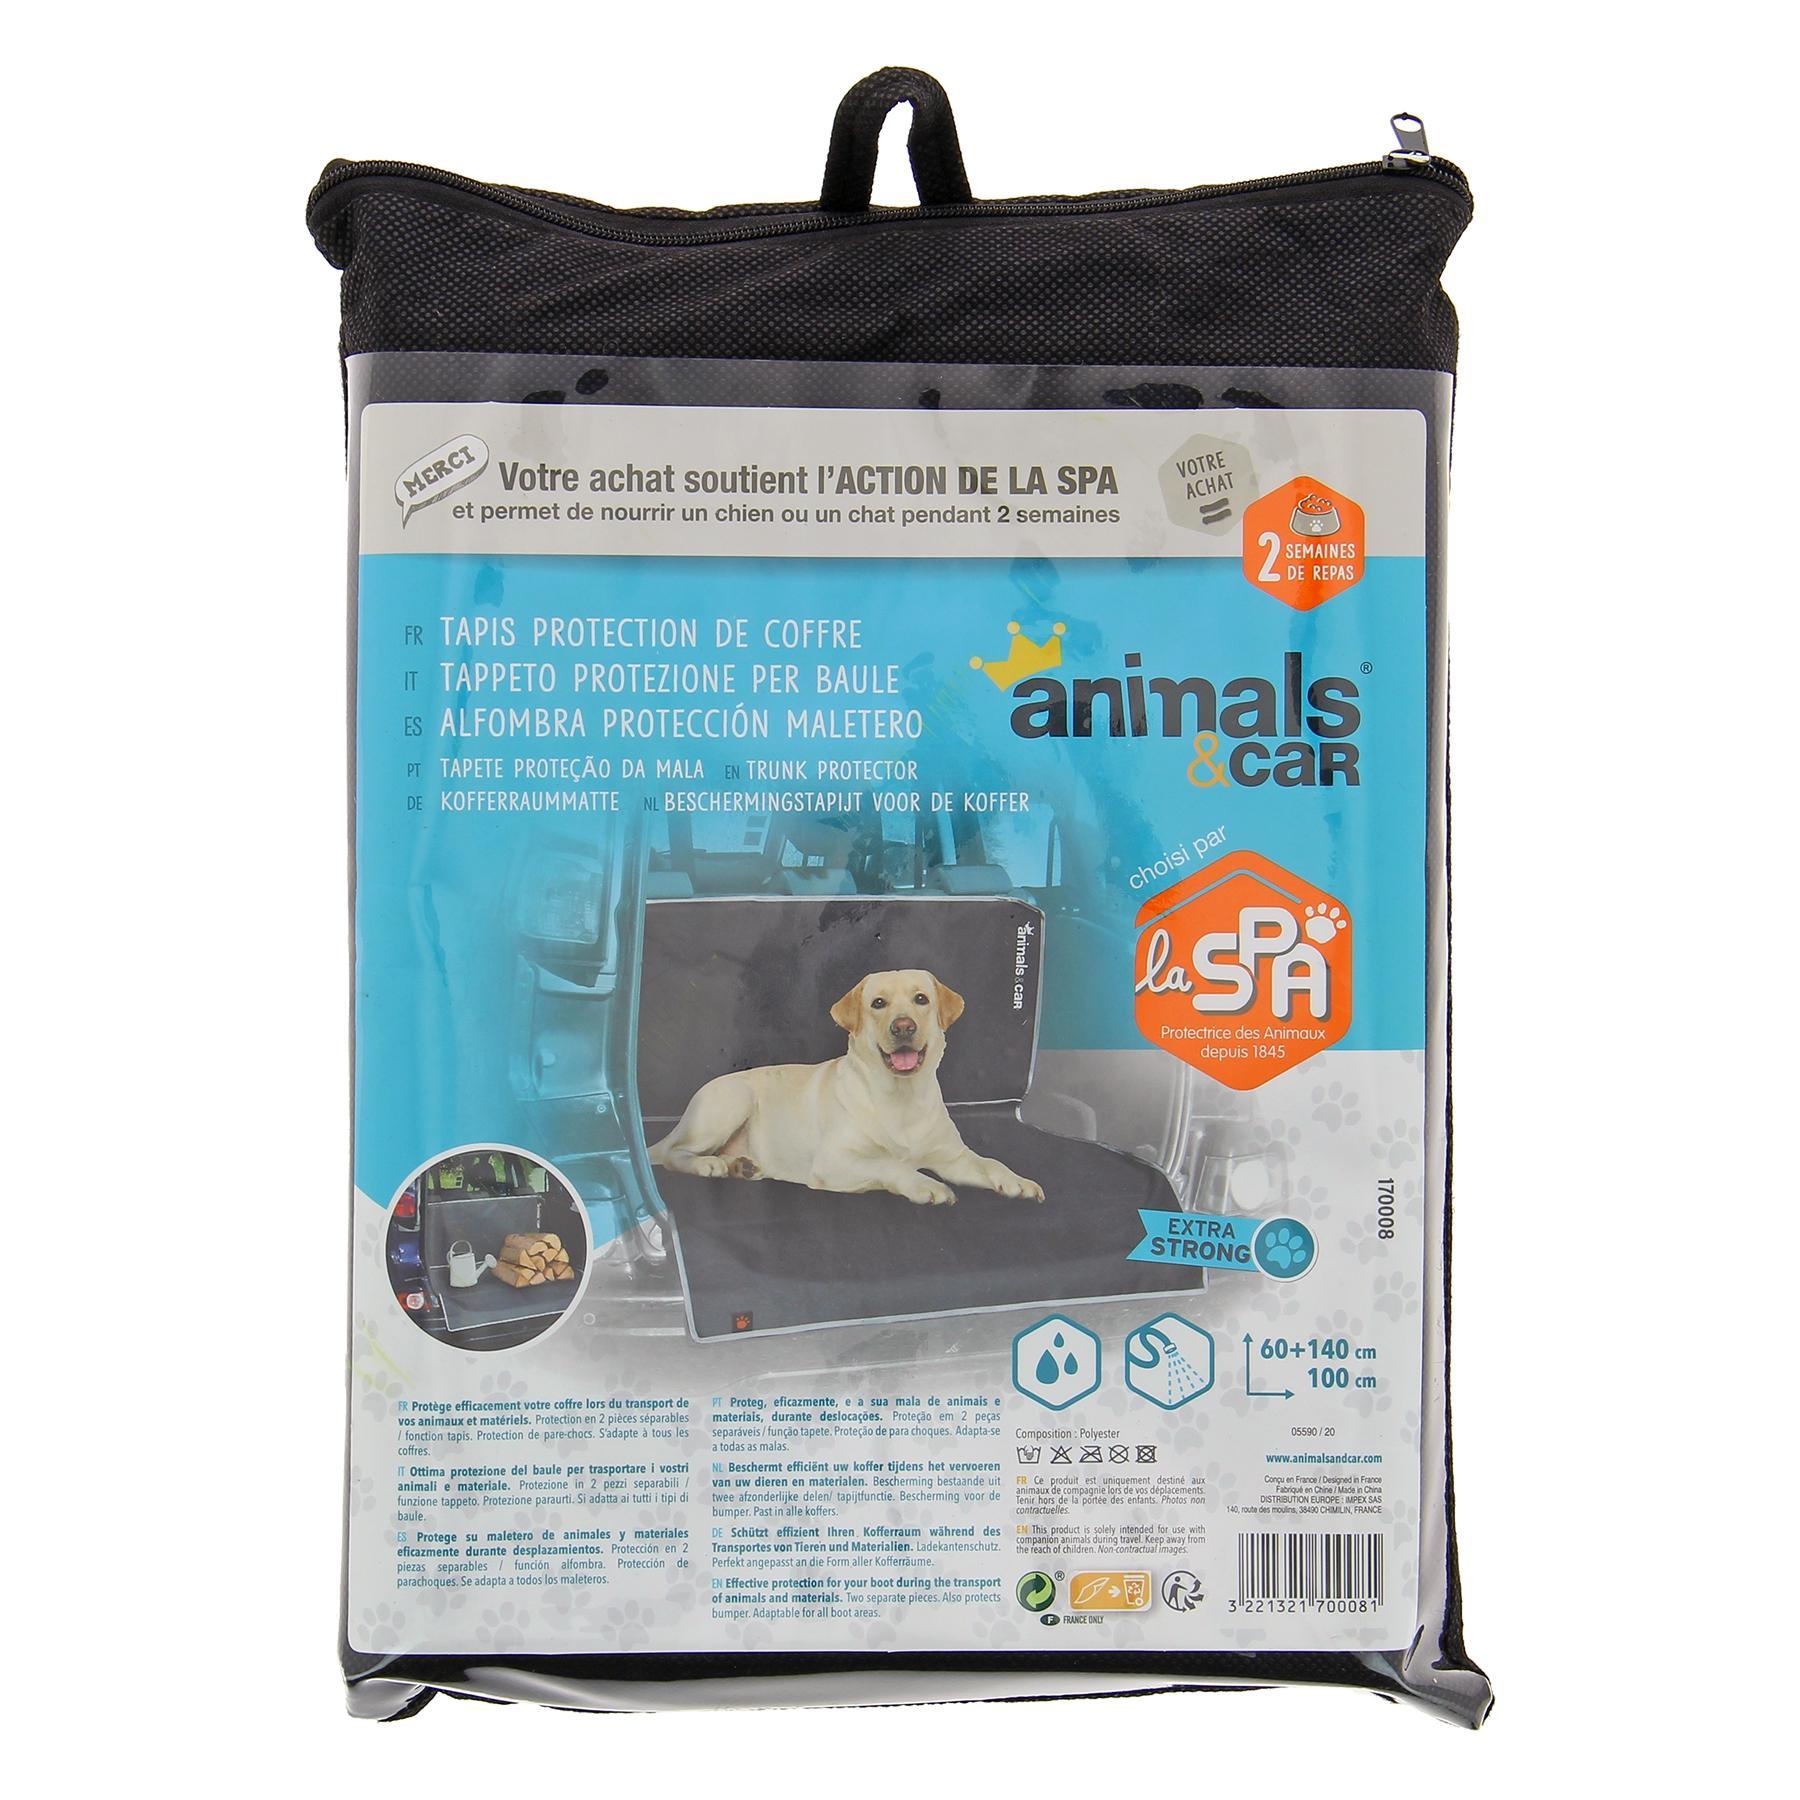 170008 Autoschondecke Hund animals&car 170008 - Original direkt kaufen